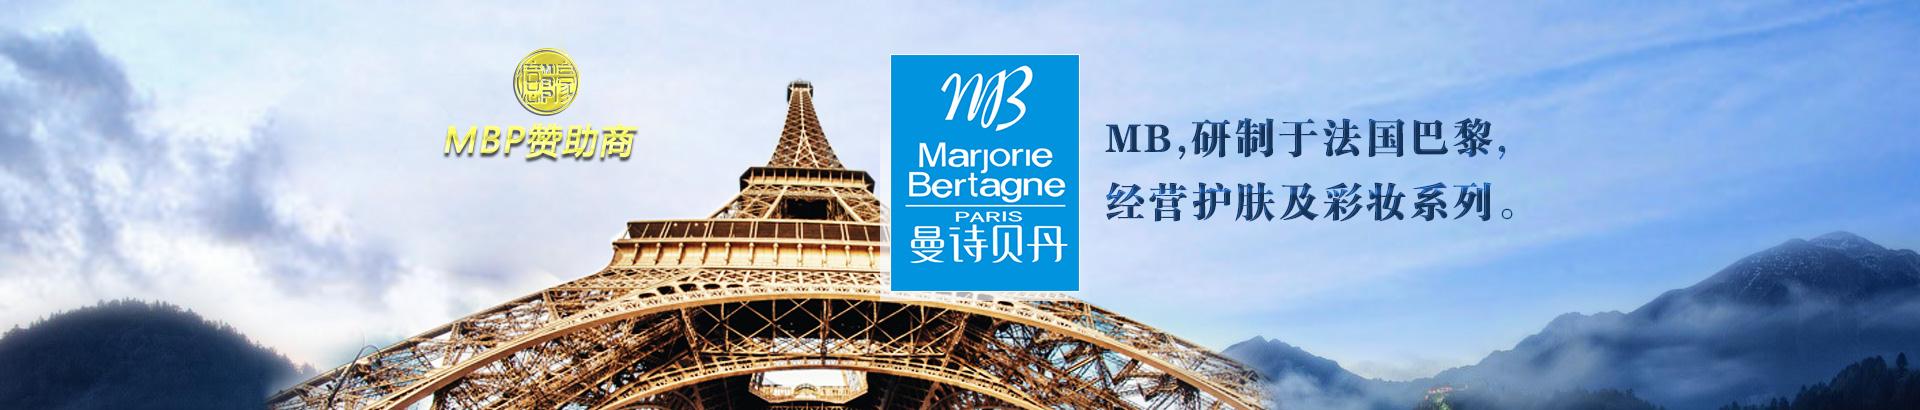 MBP赞助商——曼诗贝丹